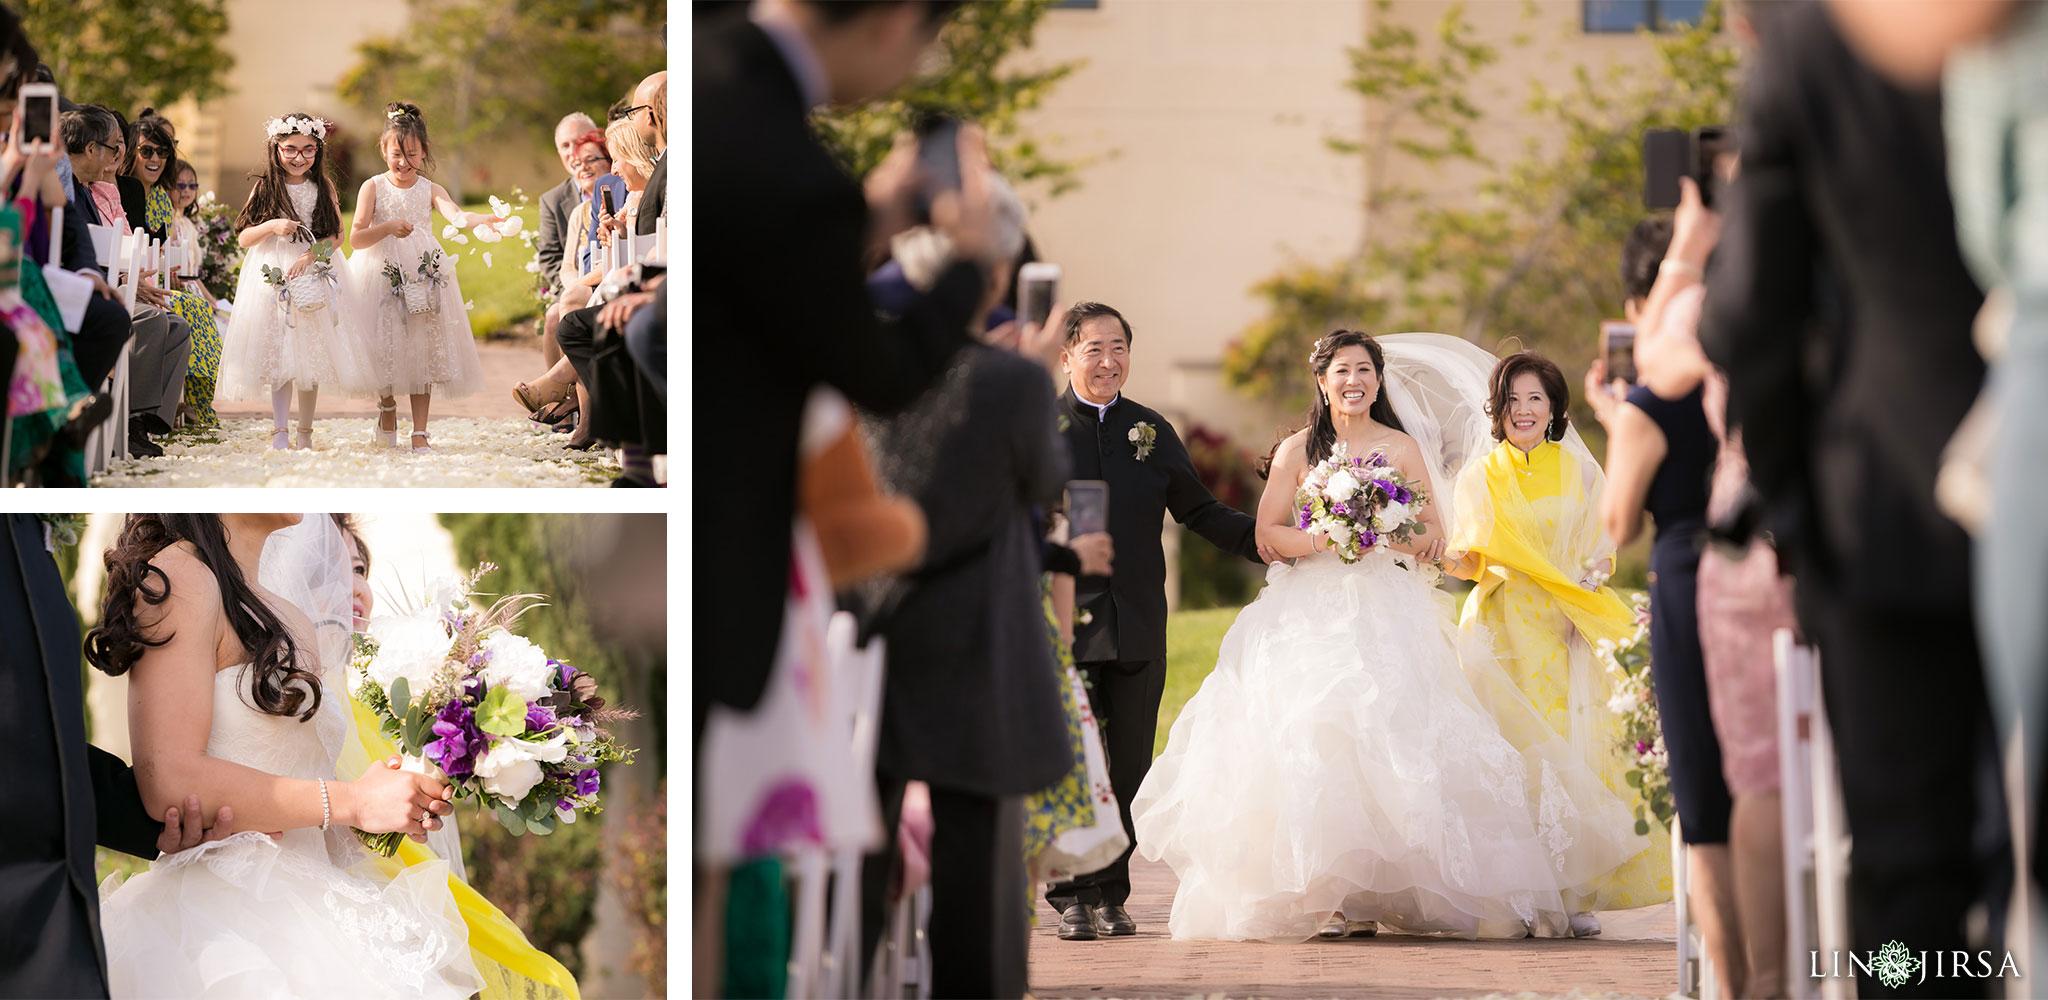 20 terranea resort rancho palos verdes wedding ceremony photography